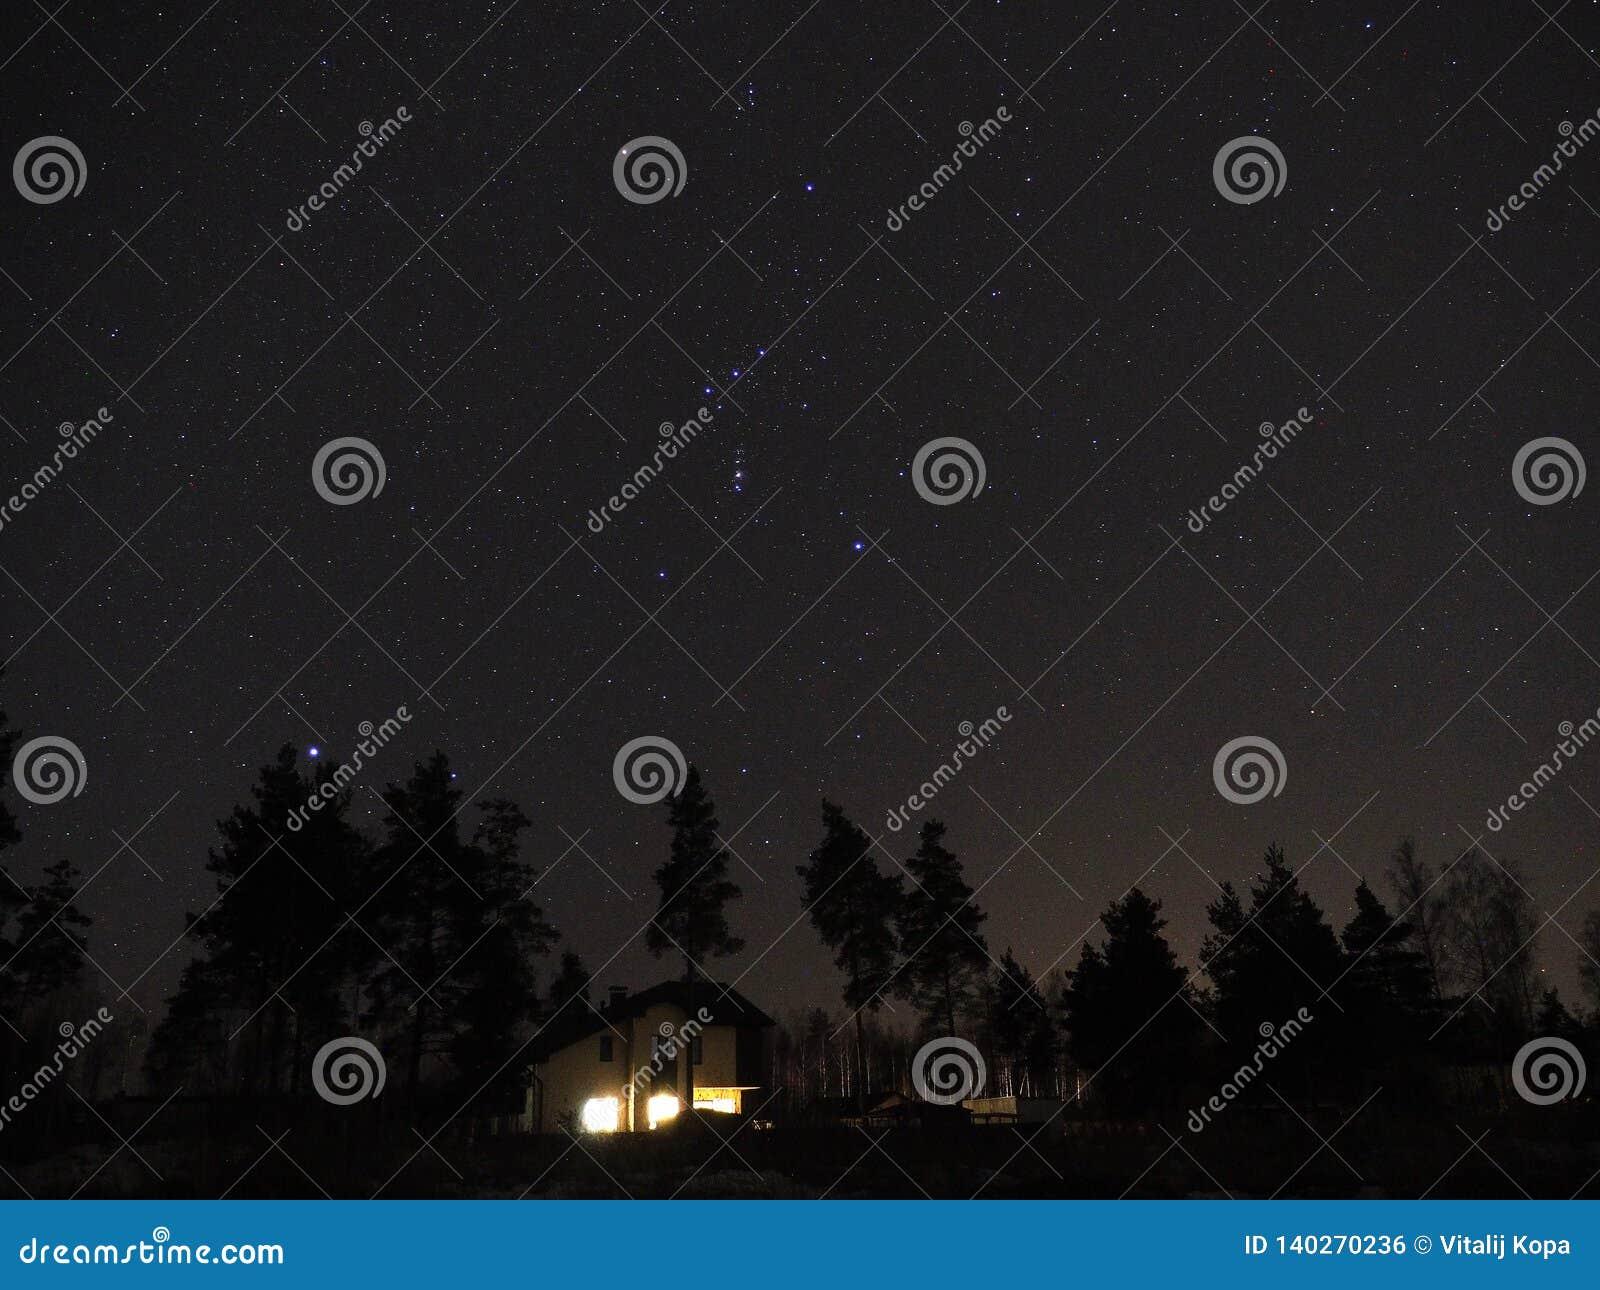 Constelação de Orion e estrela de Sirius no céu noturno